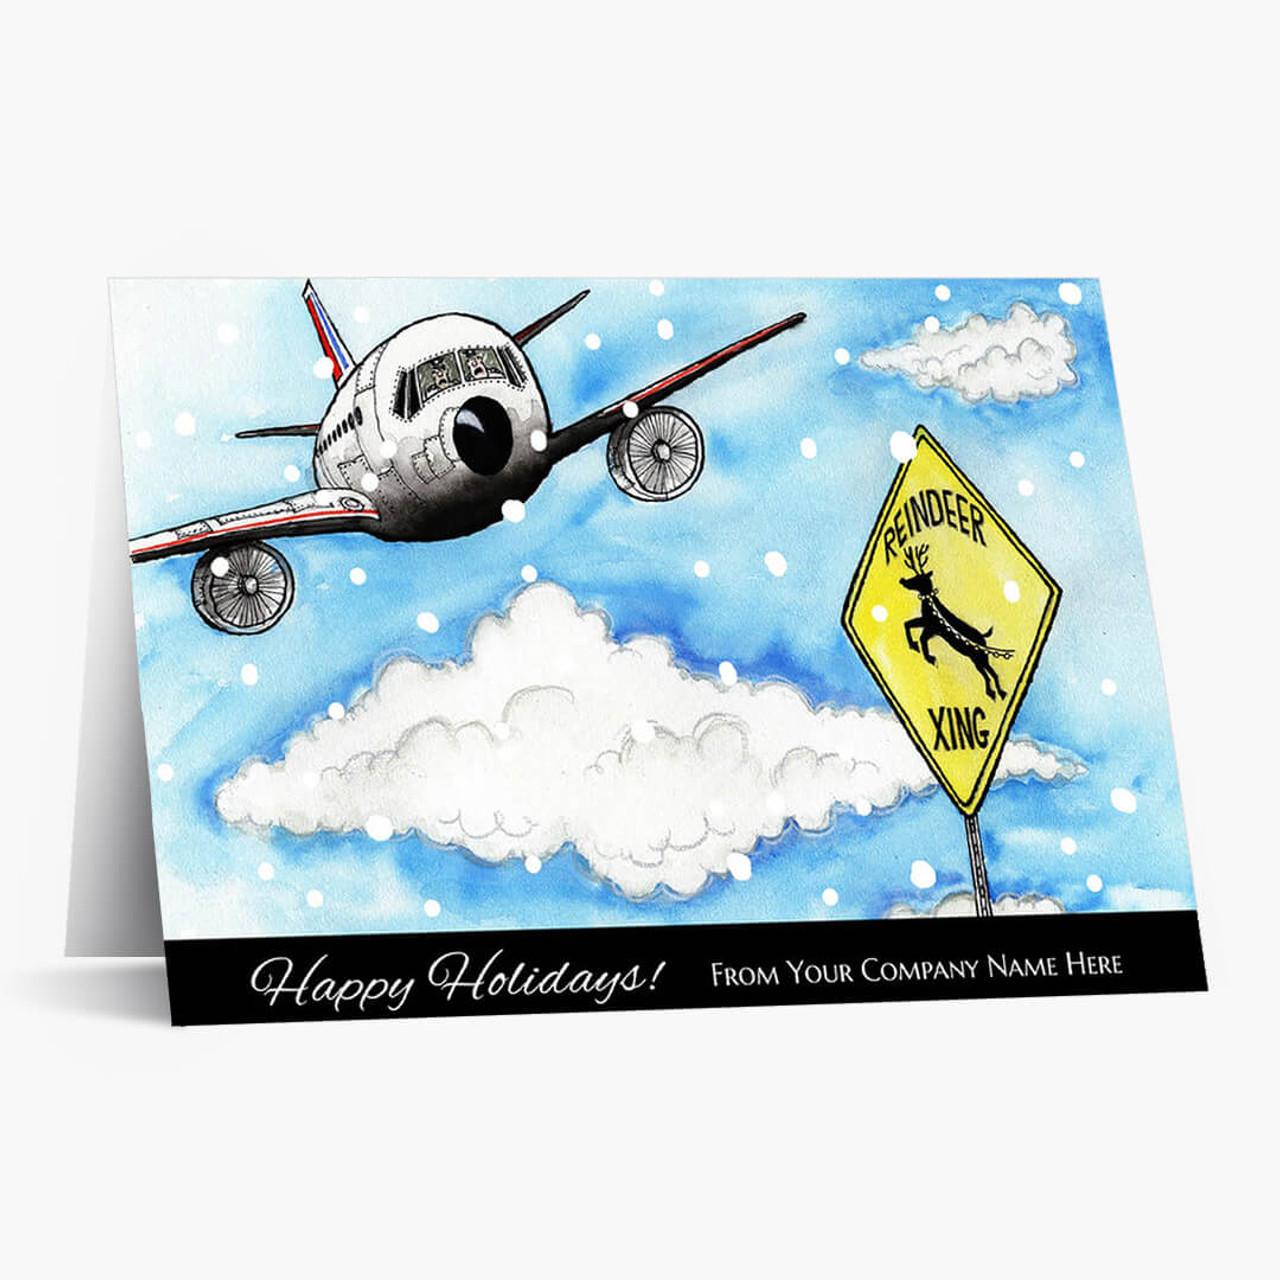 Reindeer Crossing Christmas Card